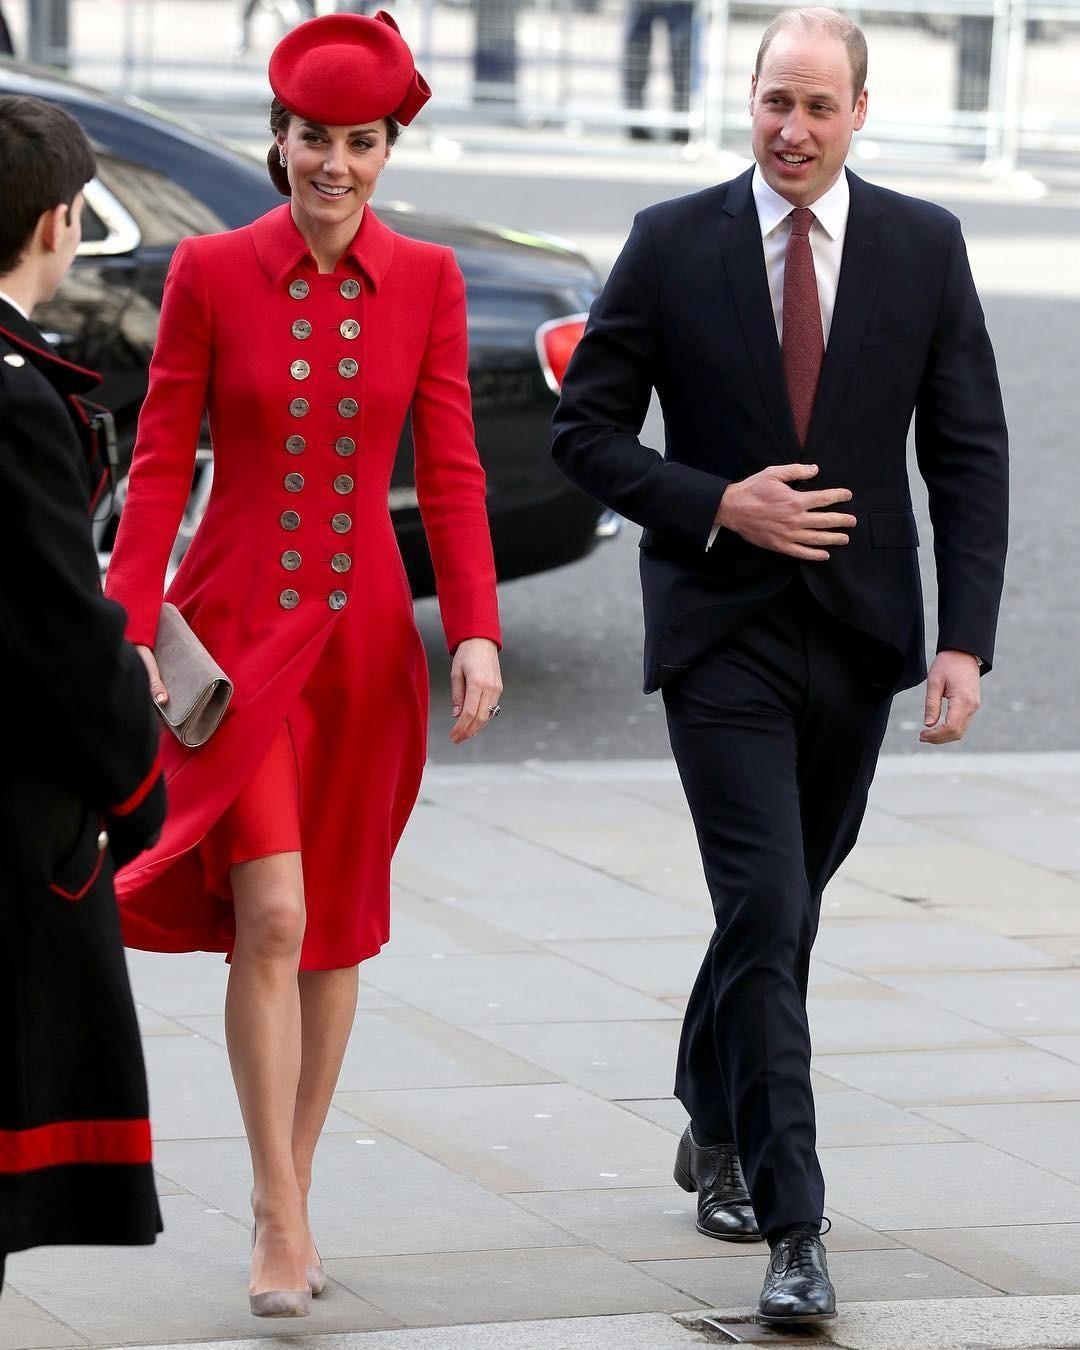 Кейт Миддлтон и принц Уильям завели личный аккаунт в Instagram